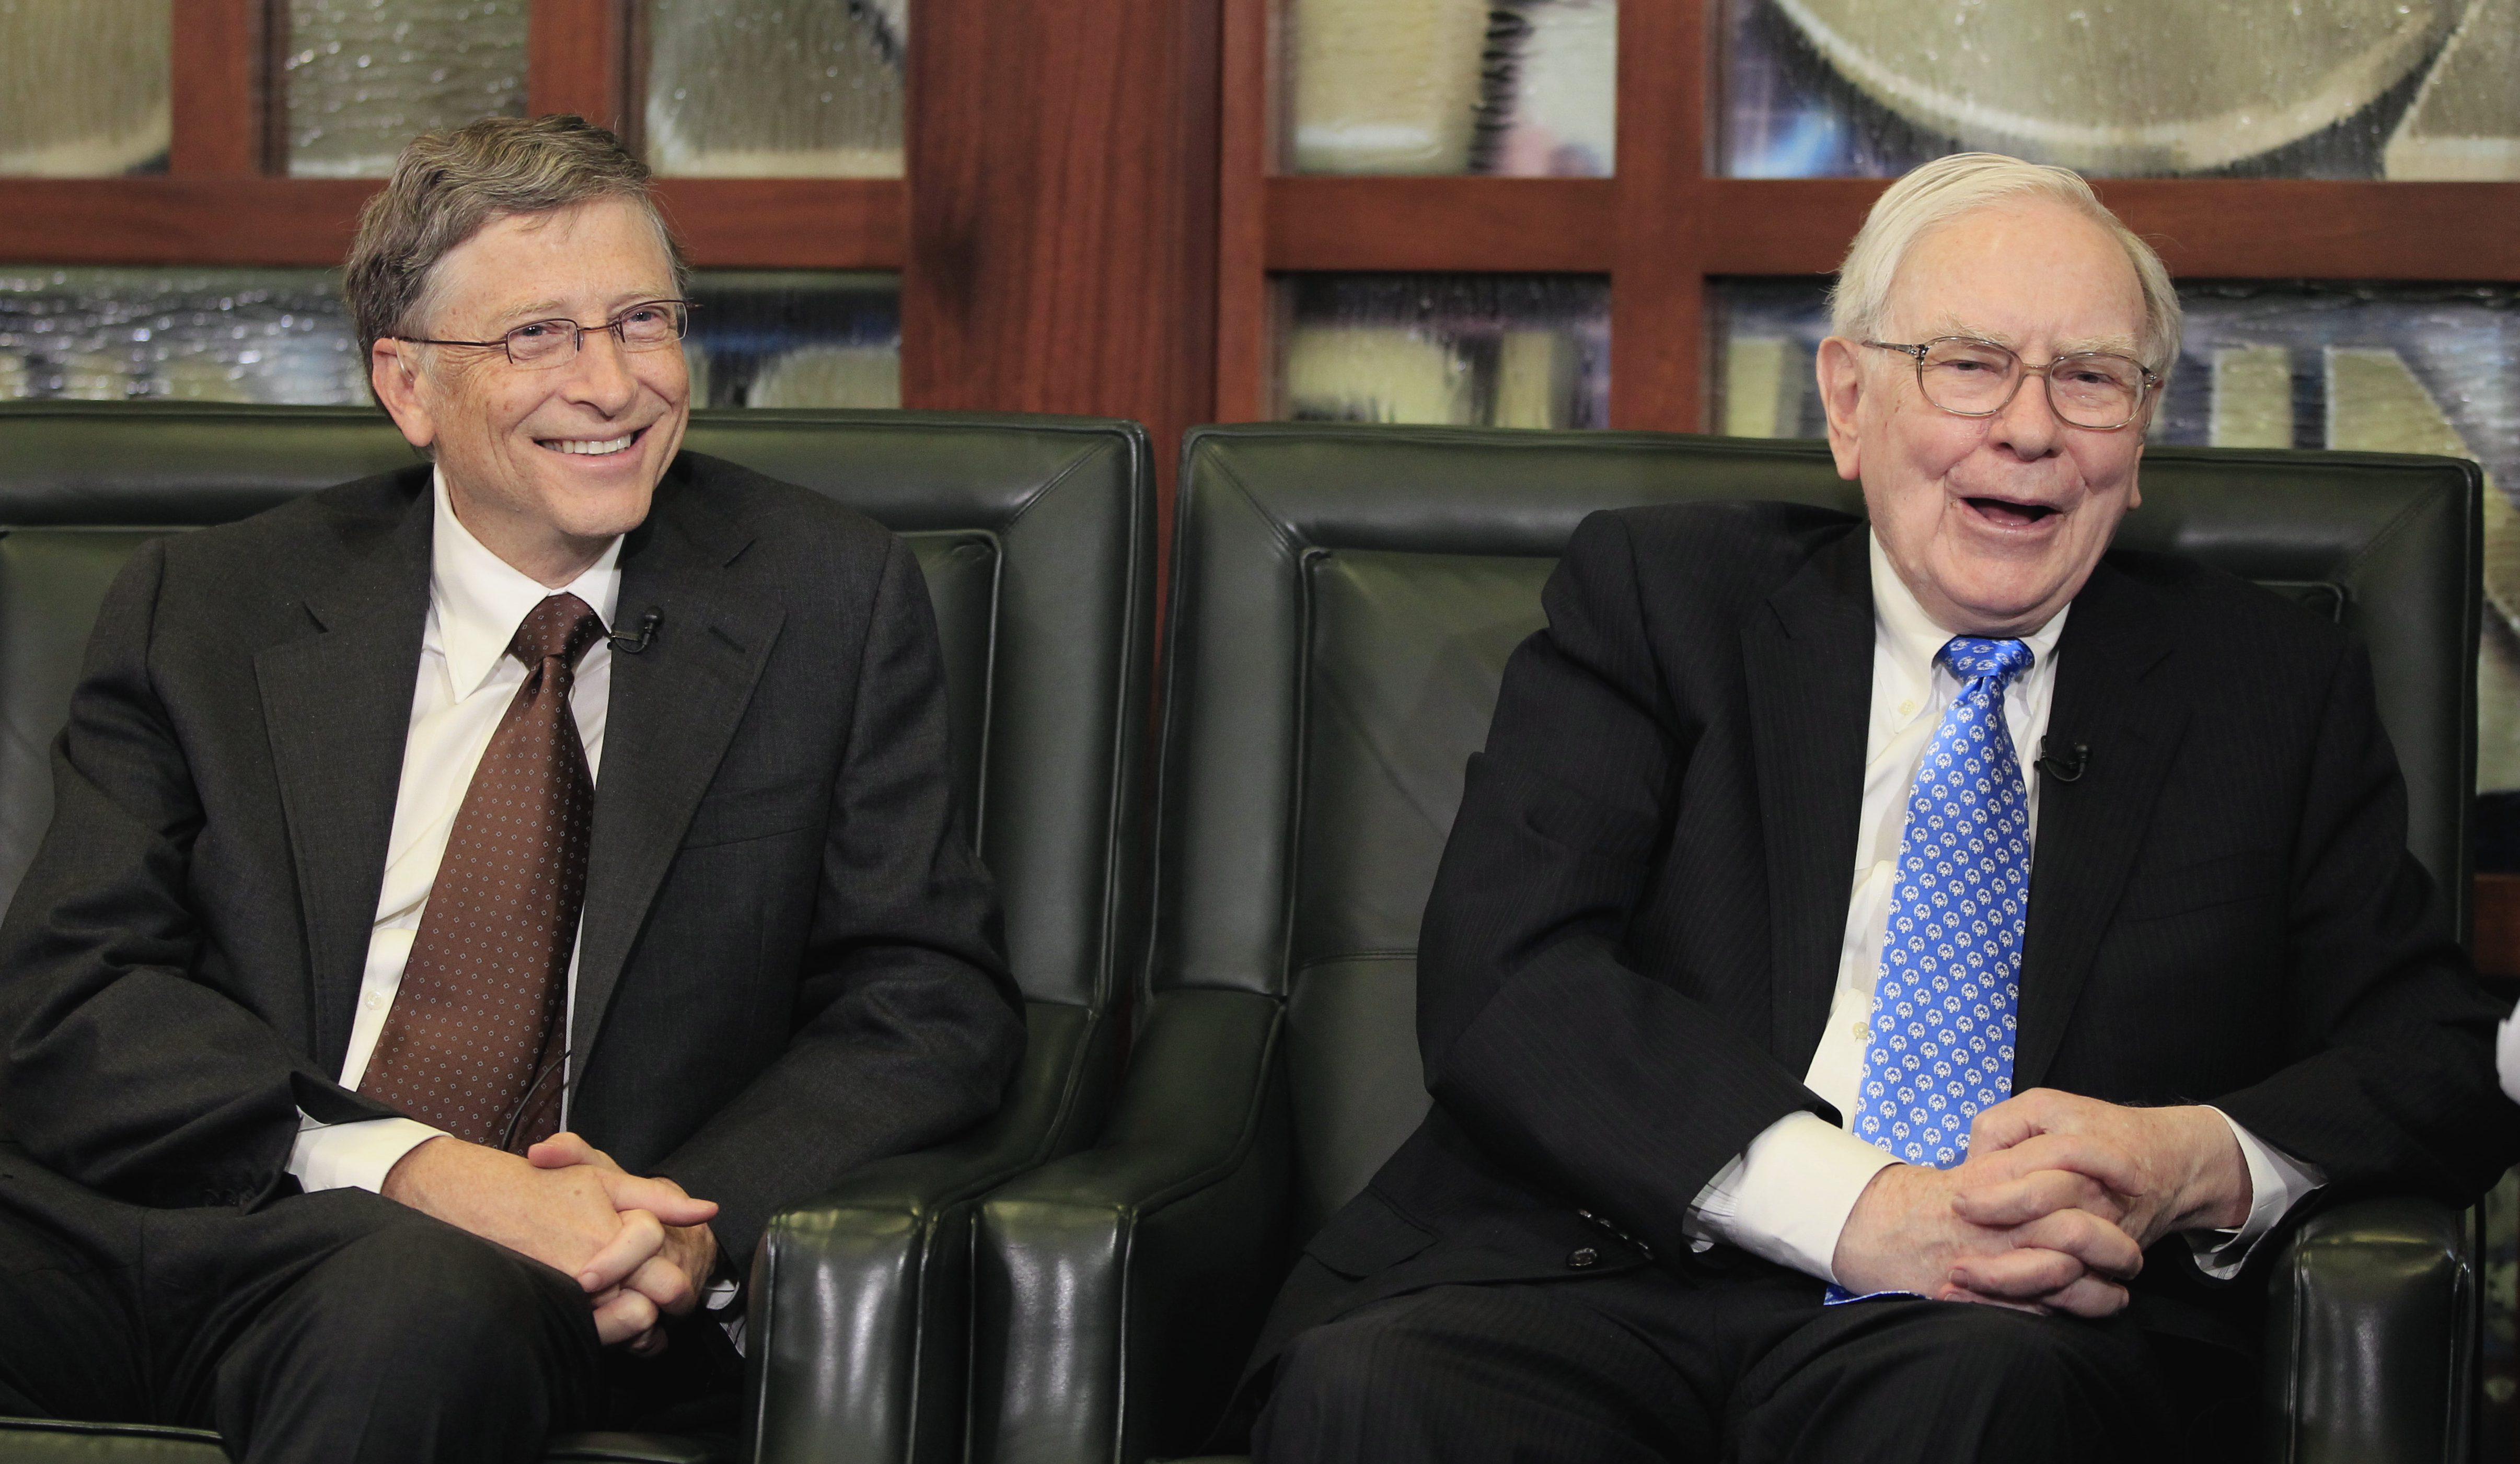 Warrenn Buffett and Bill Gates defend immigrants